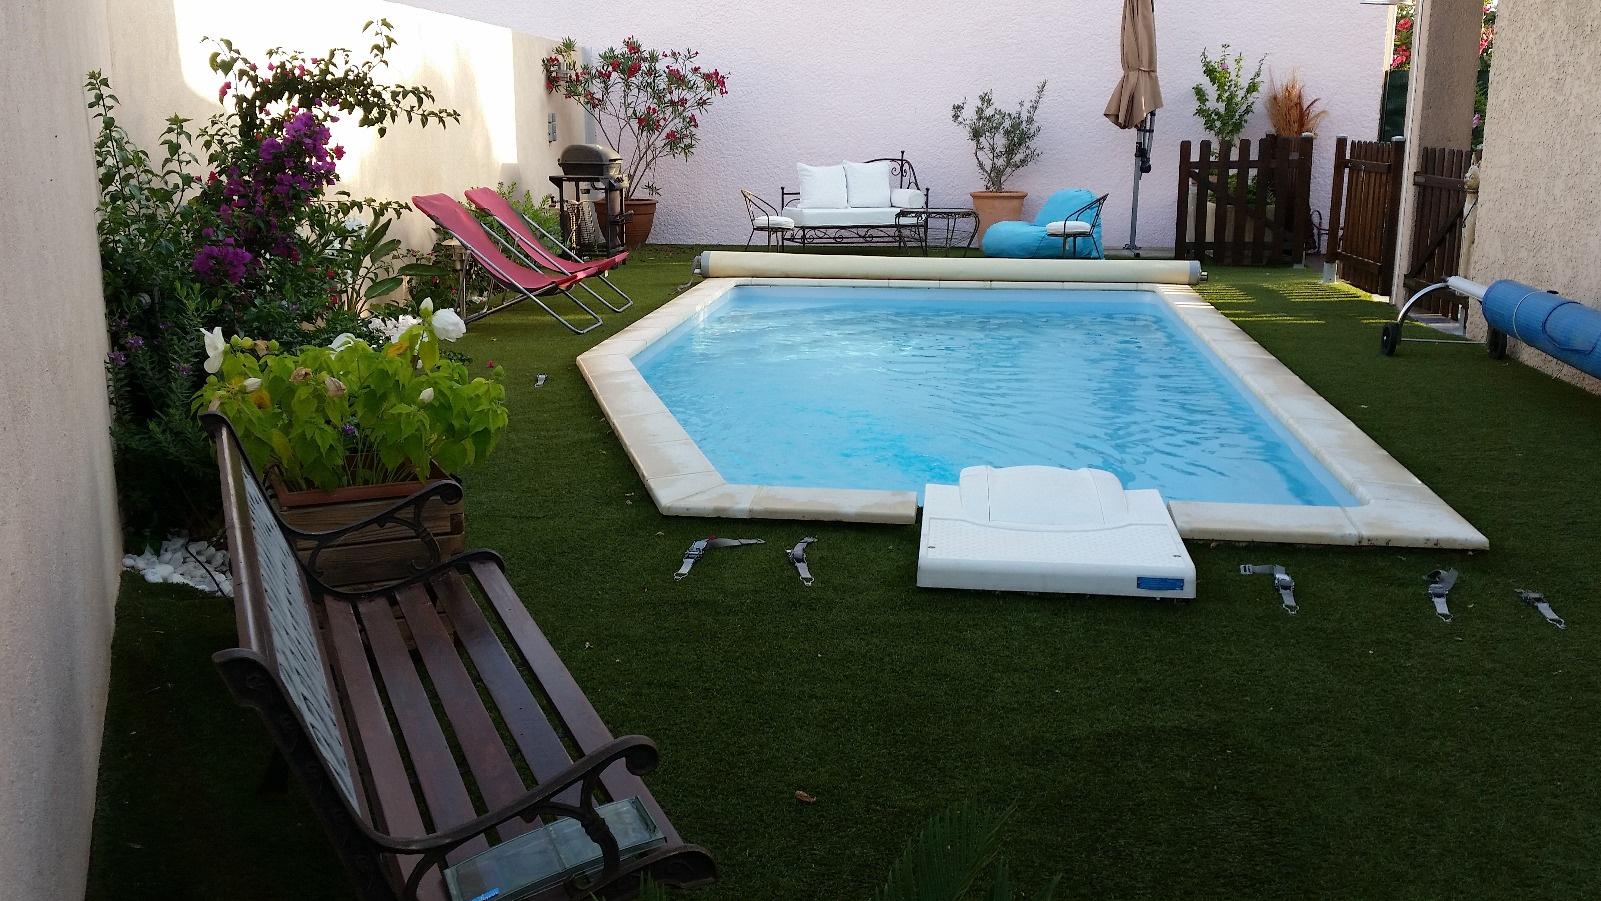 Location de vacances Maison La Crau (83260)